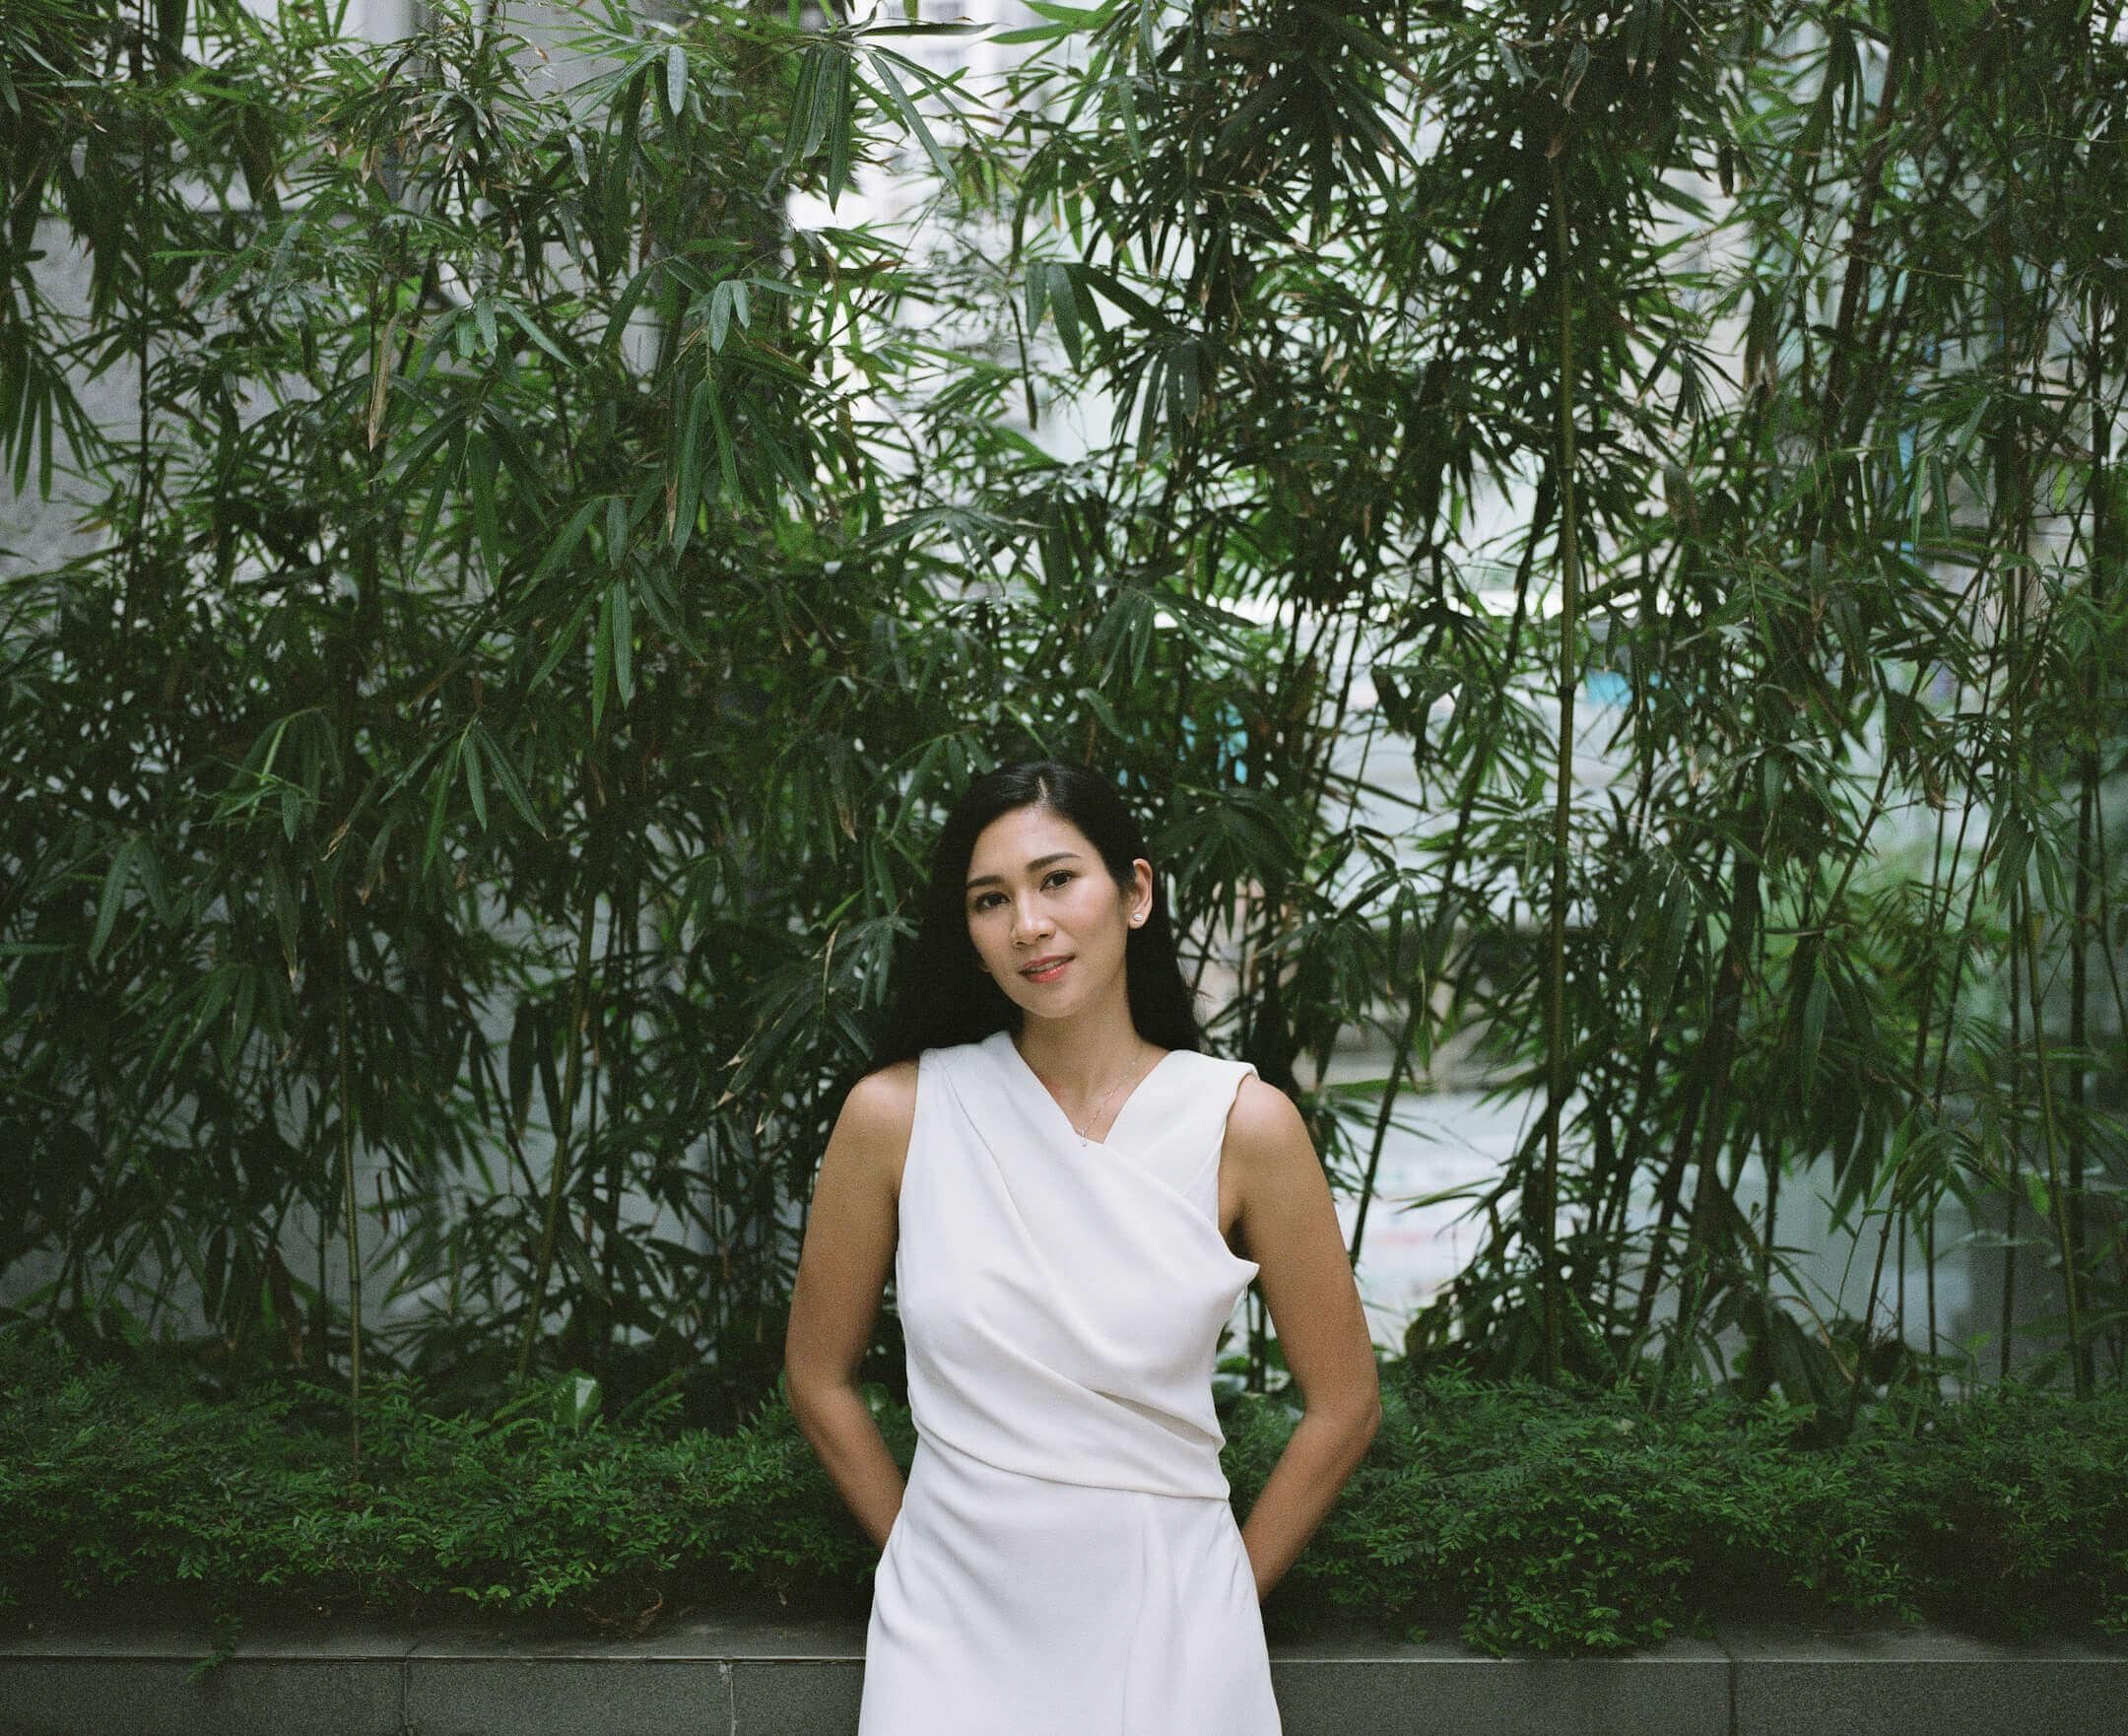 「我希望傳達一個明確訊息:才能並不建基於族裔之分。我相信如果你想打敗偏見,首先要展現你更有容人氣度與理節。 」 攝:Stanley Leung/端傳媒